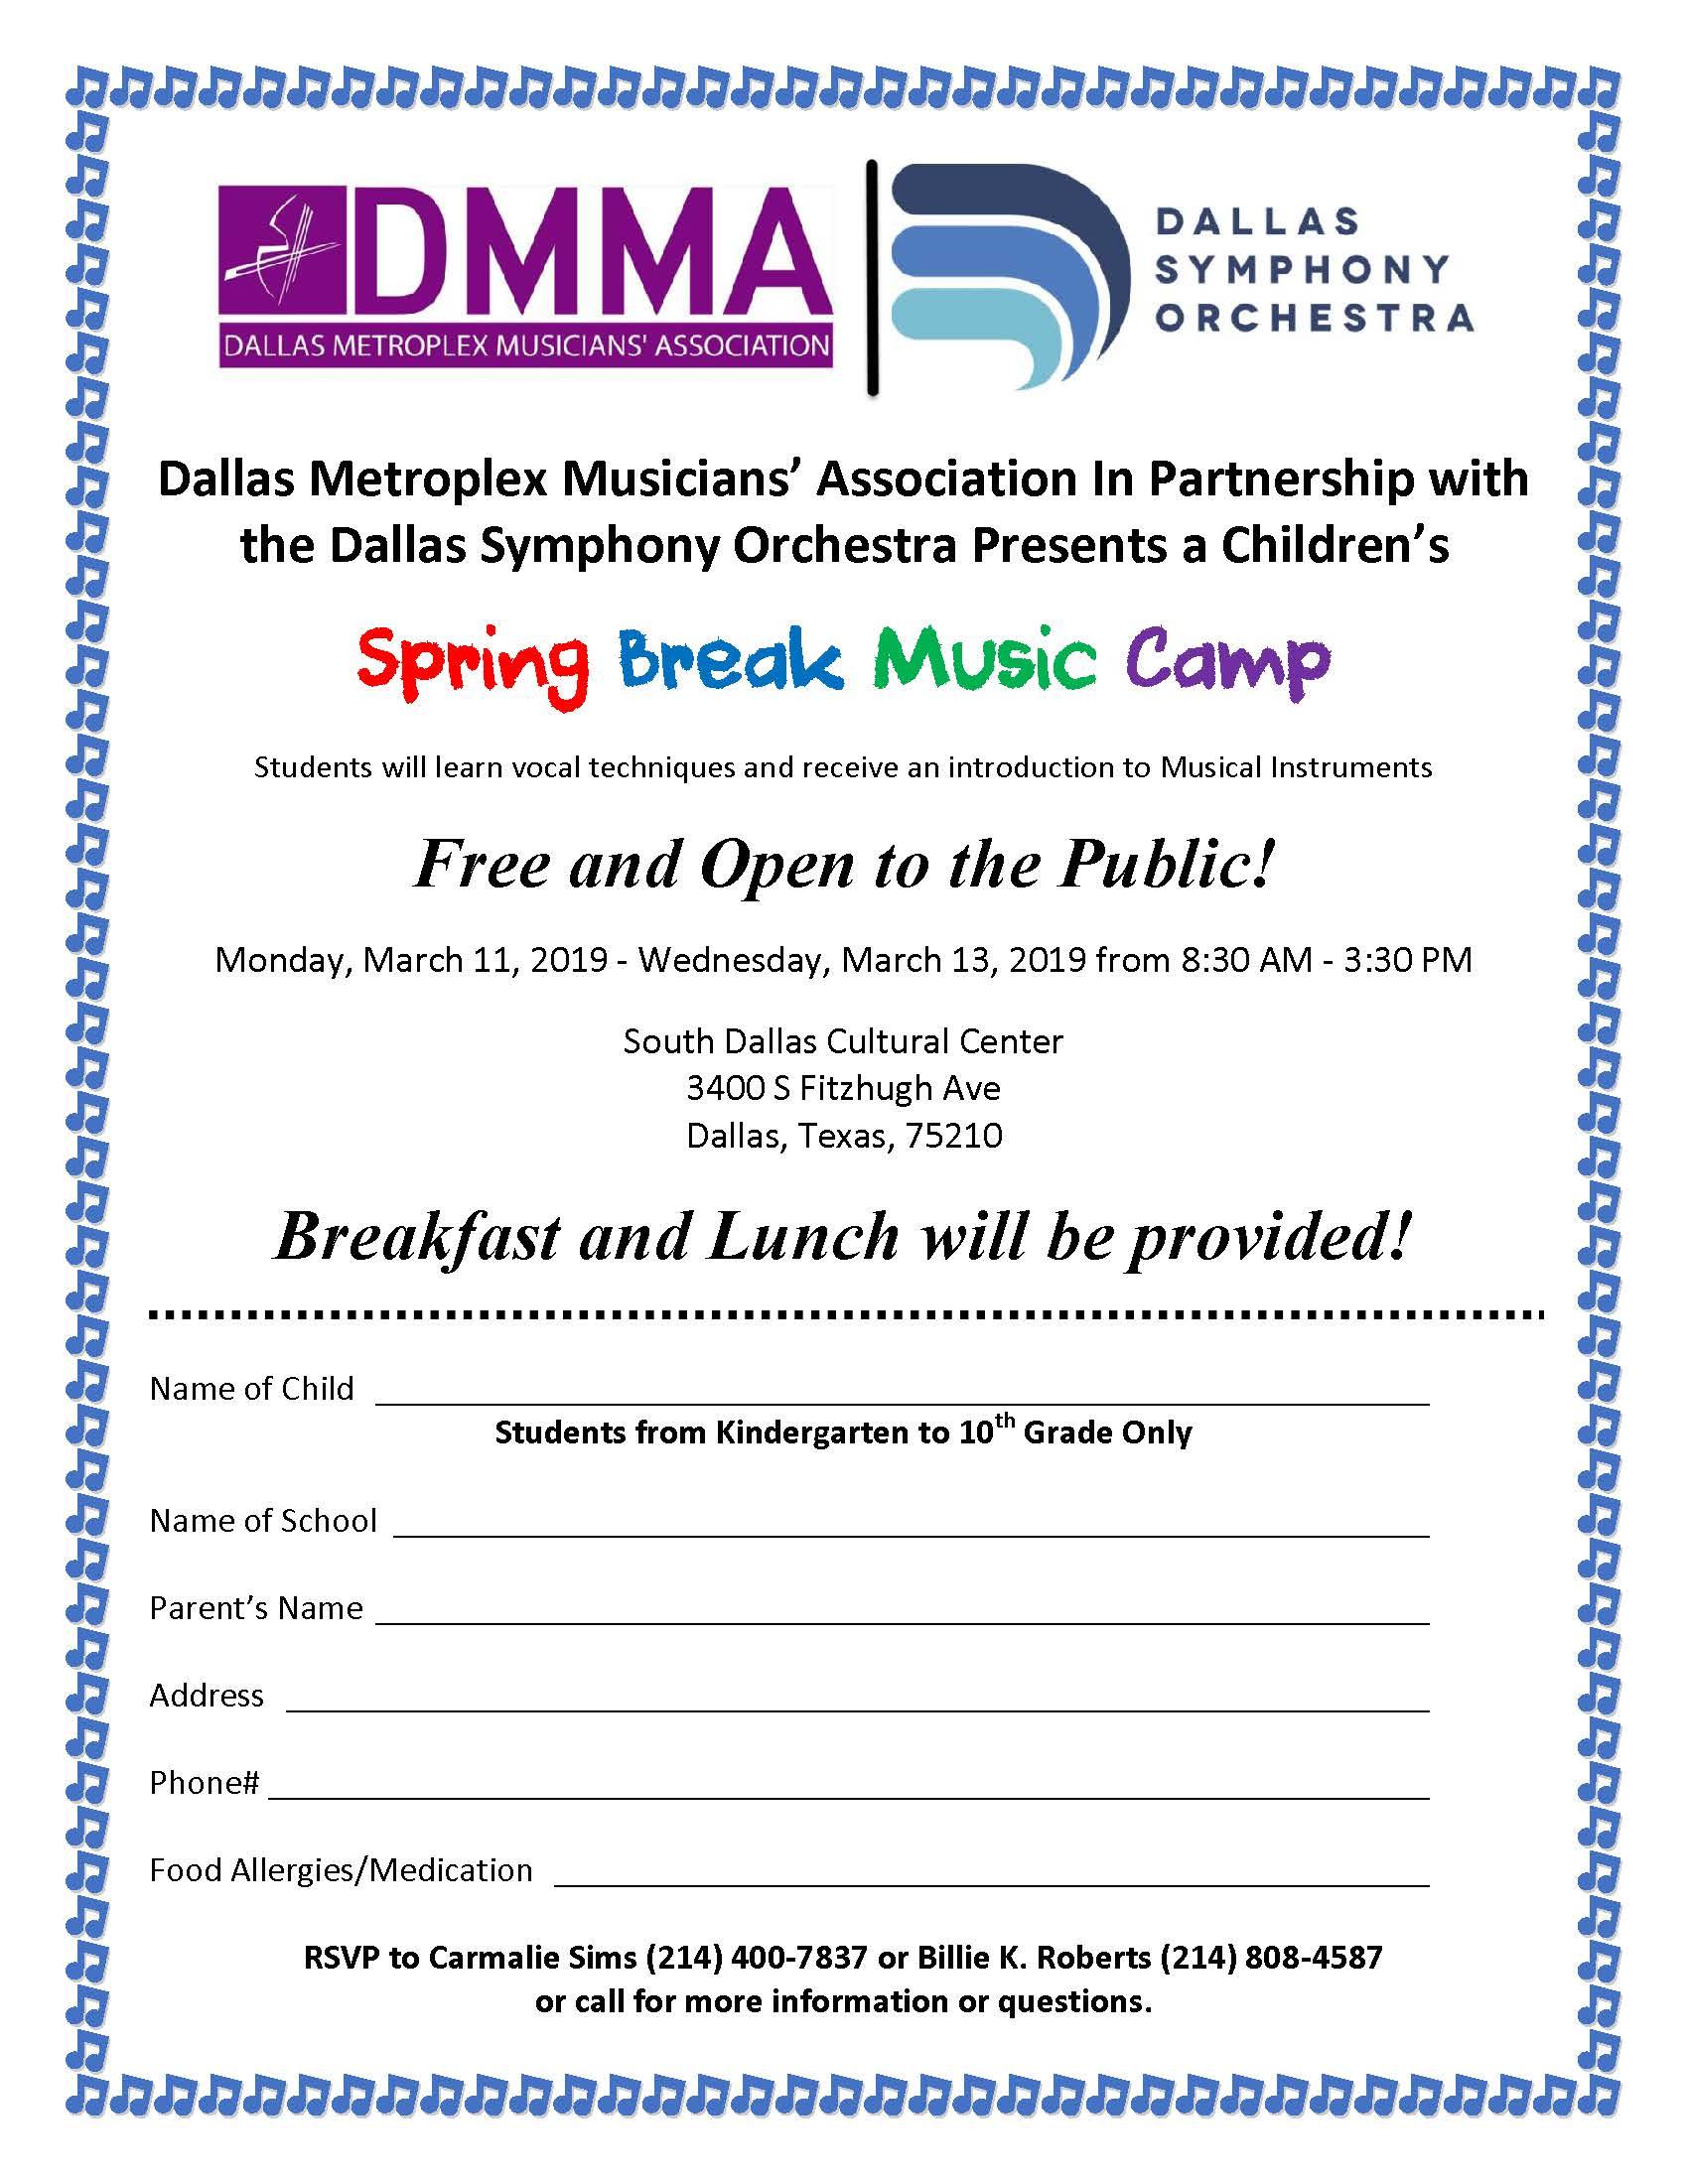 Spring Break Music Camp Registration Form